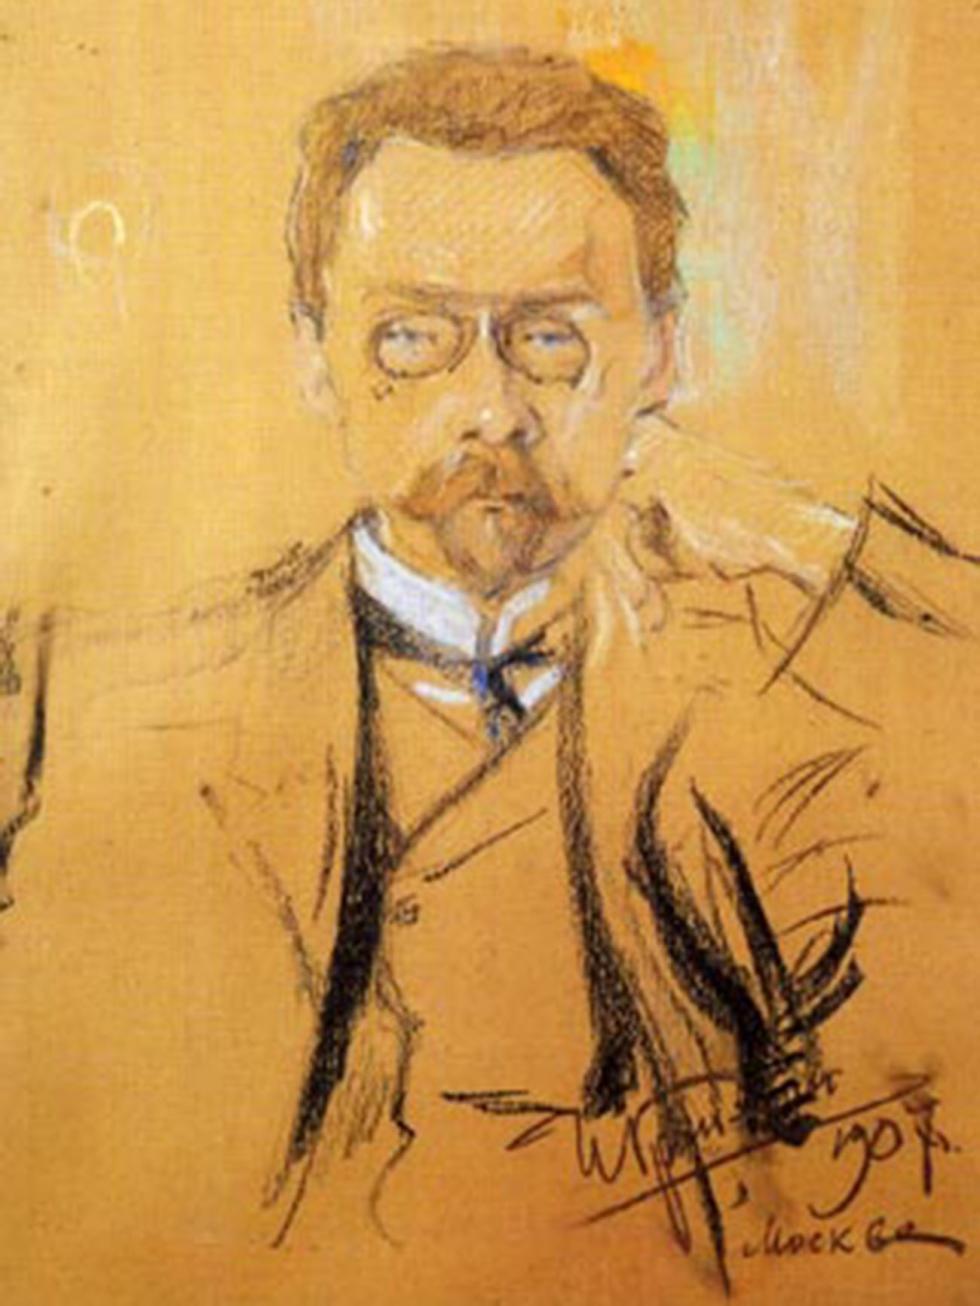 阿列克谢·巴赫鲁申肖像。画家:伊利亚·格林曼(Ilya Grinman)。图片来源:A.A. Bakhrushin State Central Theatre Museum